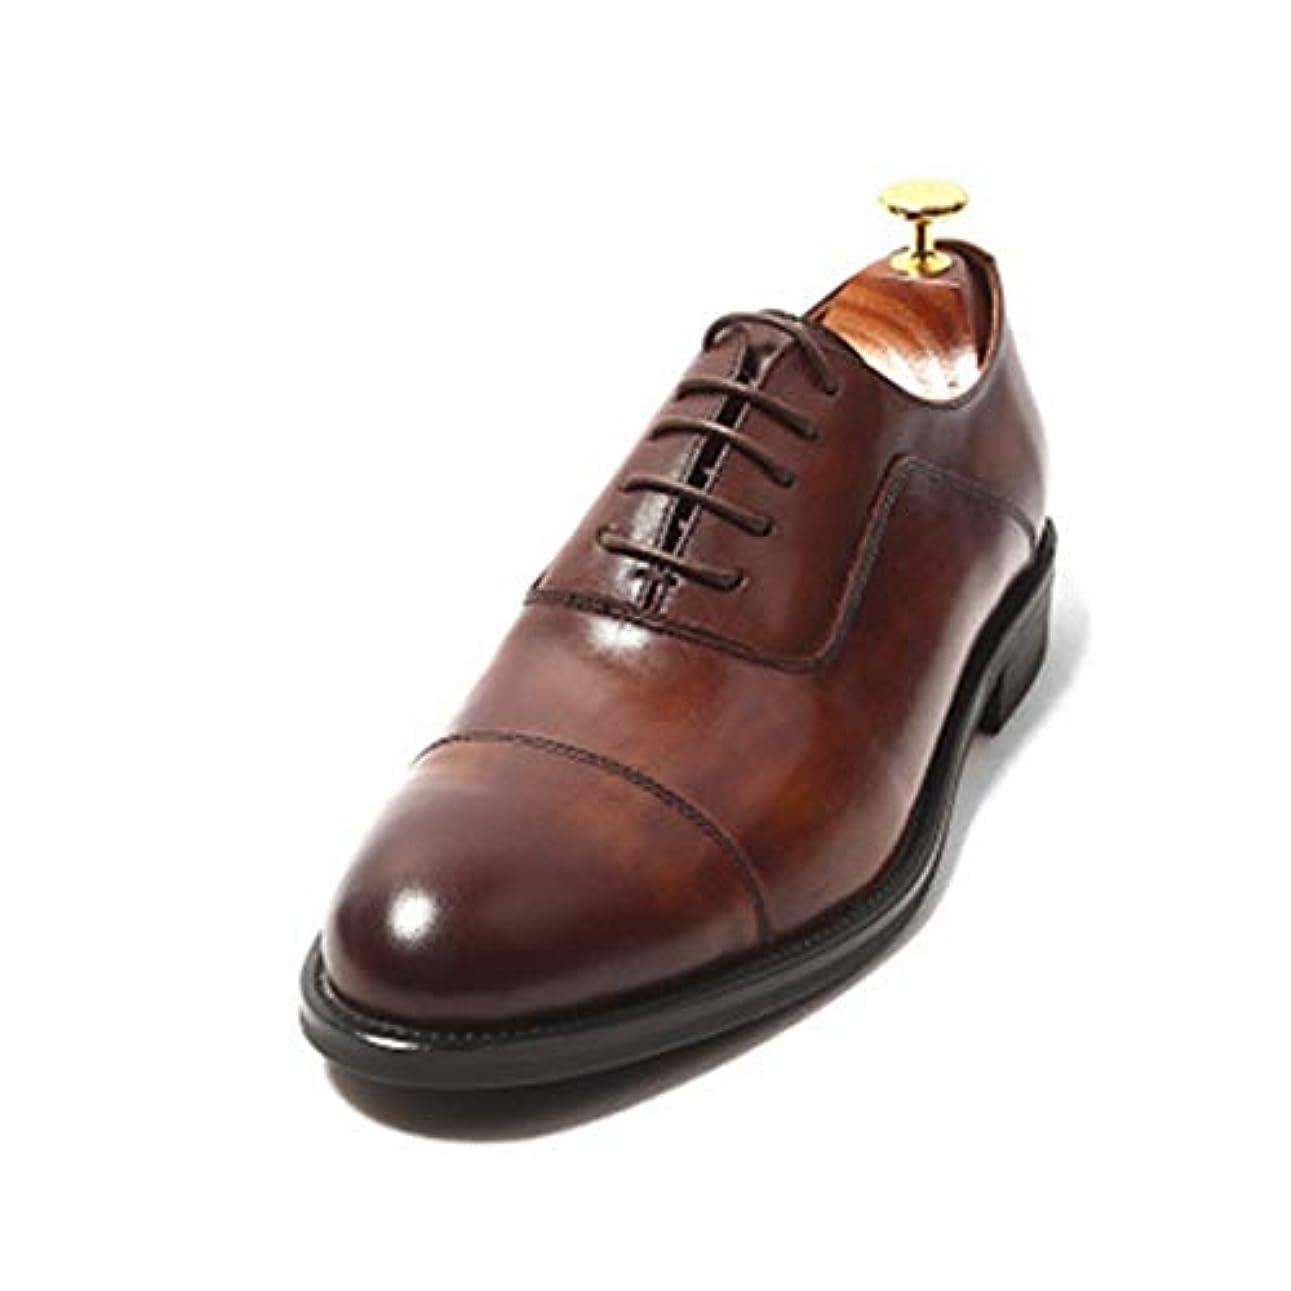 図喉が渇いた暫定本革 メンズ ストレートチップ シューズ 内羽根 革靴 皮靴 黒 フォーマル 結婚式 ドレスシューズ カジュアル ビジネス 冠婚葬祭 茶色 ヒール 24cm~27cm 小さいサイズ スーツ 紳士靴 就活 卒業式